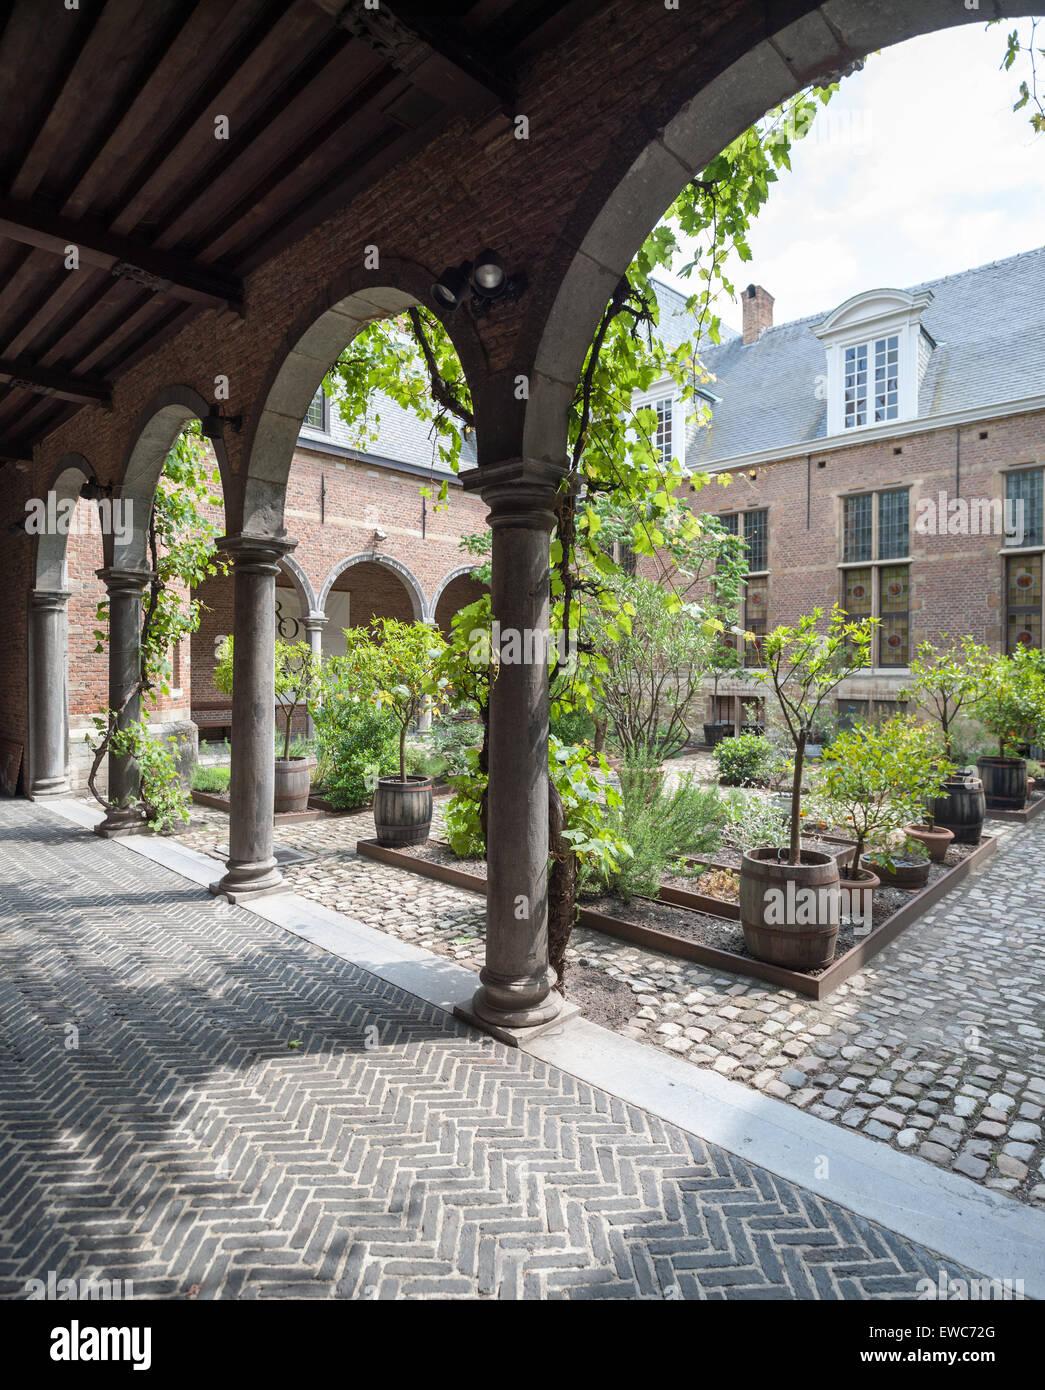 belgium-antwerp-courtyard-of-the-rockox-